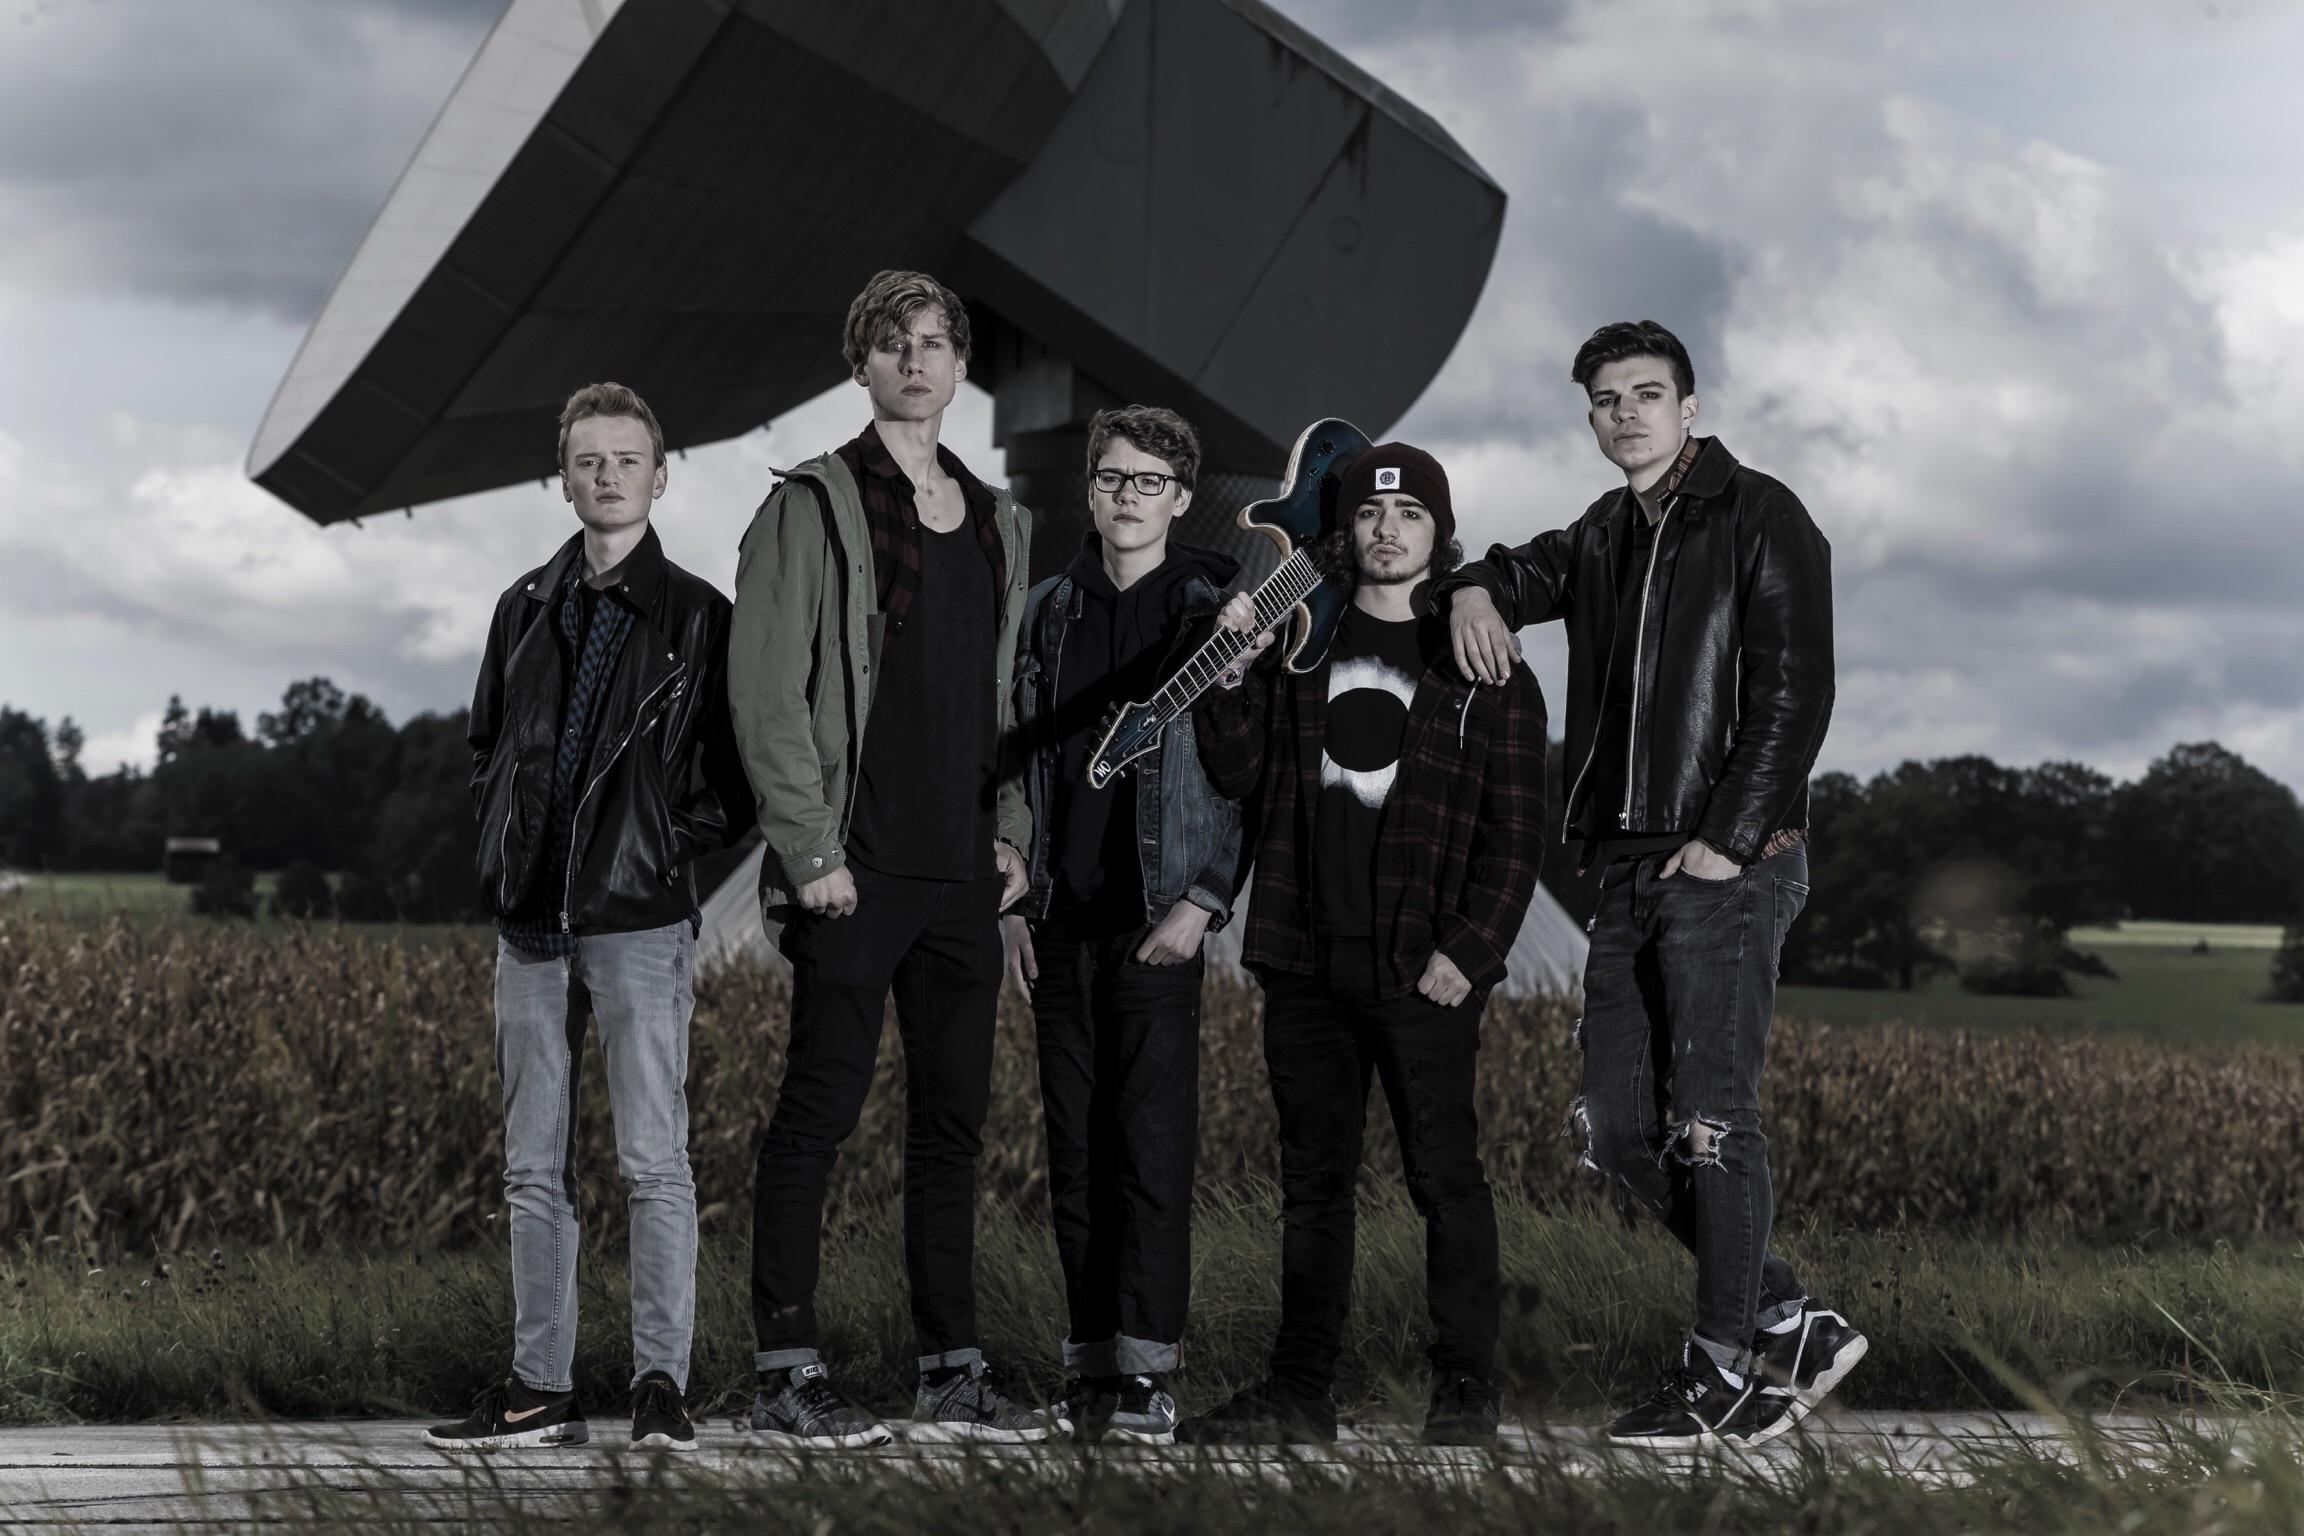 beyond-brigthness-crowdfunding-aktion-zum-debut-album